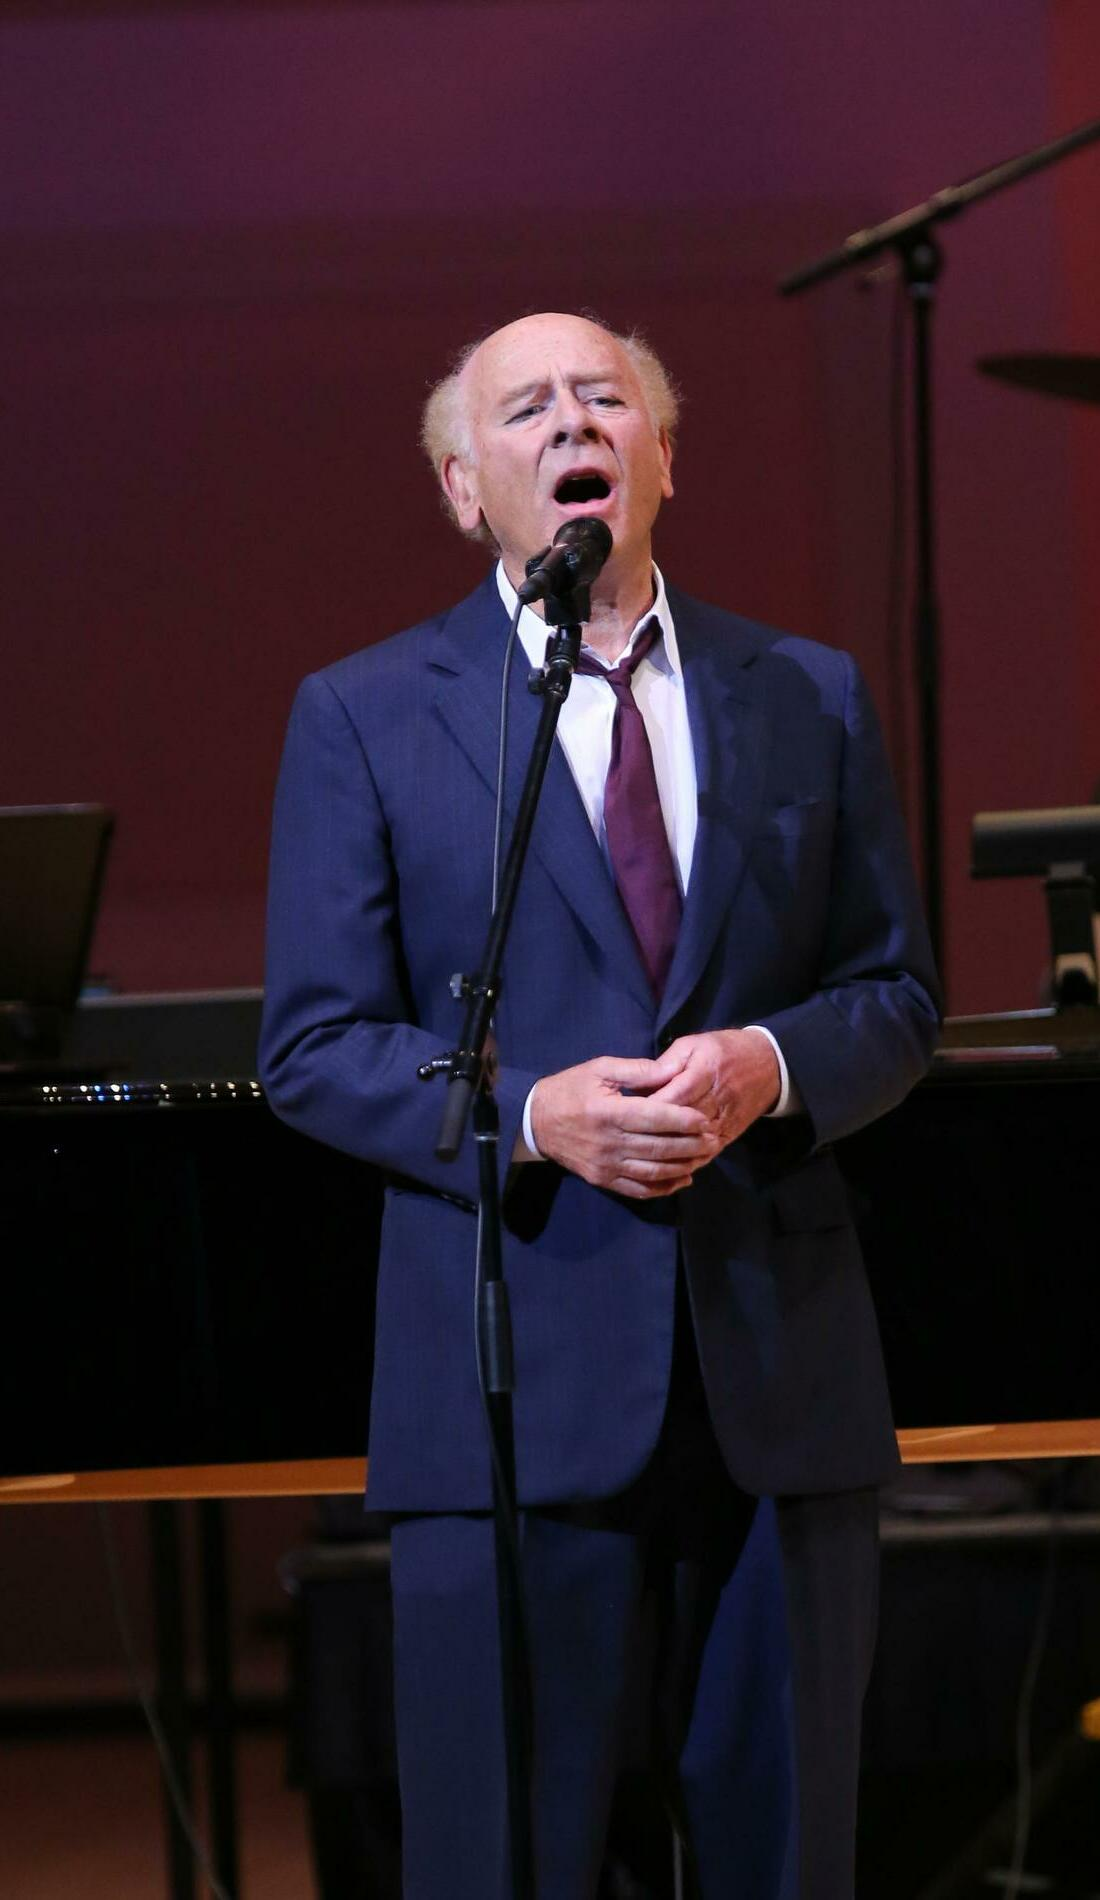 A Art Garfunkel live event